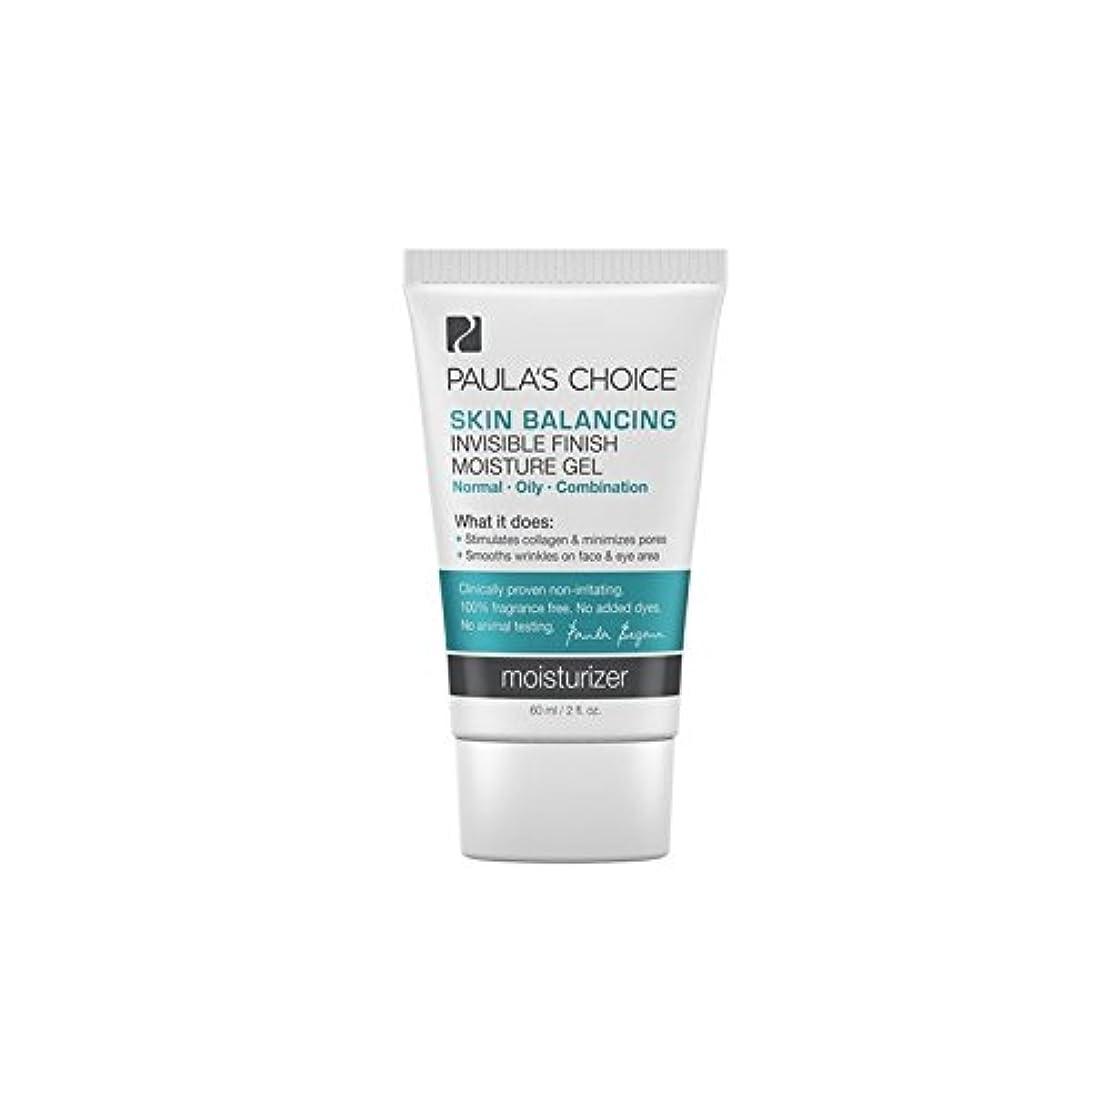 ライム慢性的異邦人Paula's Choice Skin Balancing Invisible Finish Moisture Gel (60ml) (Pack of 6) - ポーラチョイスの肌のバランス目に見えない仕上がり水分ゲル(...